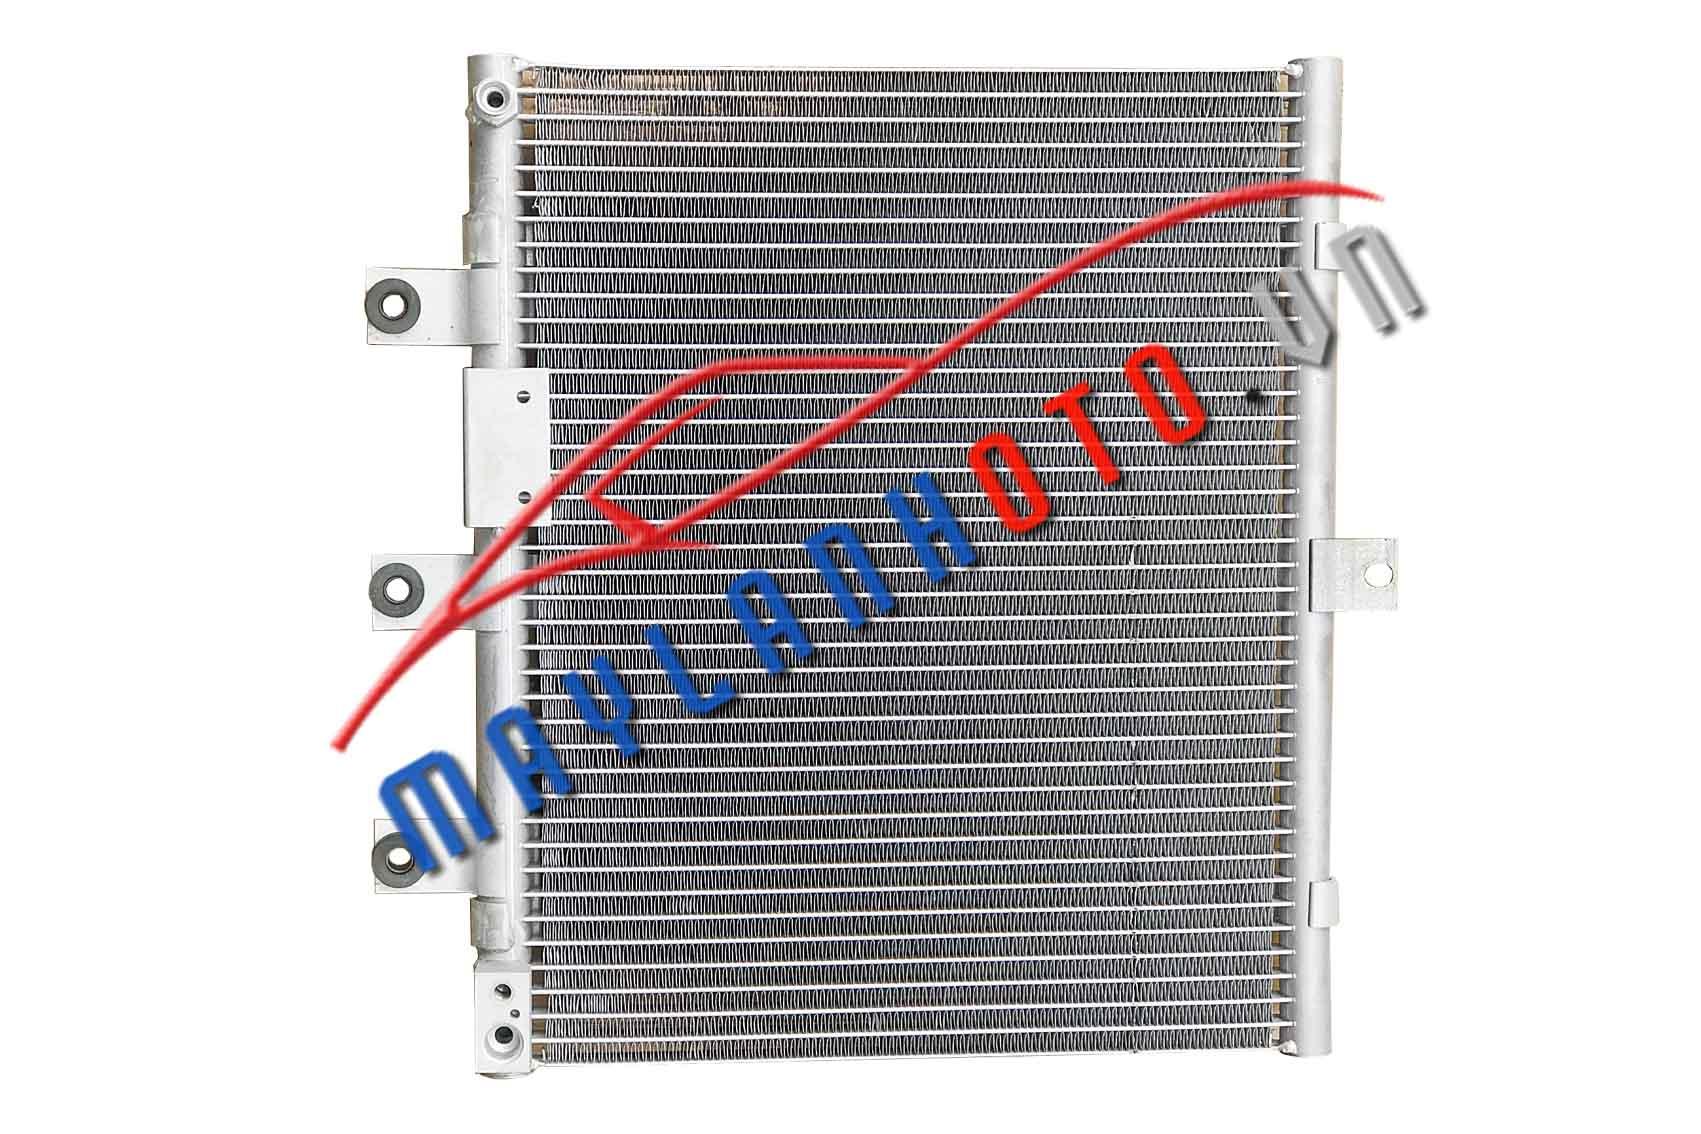 15-24 Tấn (dàn phụ) / Giàn nóng điều hòa Hyundai 15-24 tấn / Dàn nóng điều hòa Hyundai 15-24 tấn